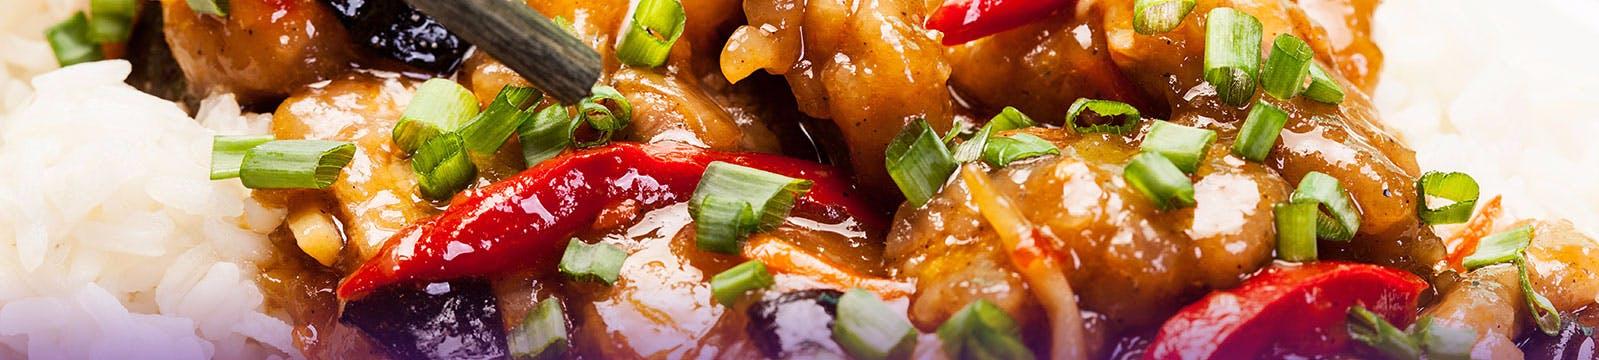 Najlepsze dania kuchni tajskiej<br>Spróbuj koniecznie!<br>